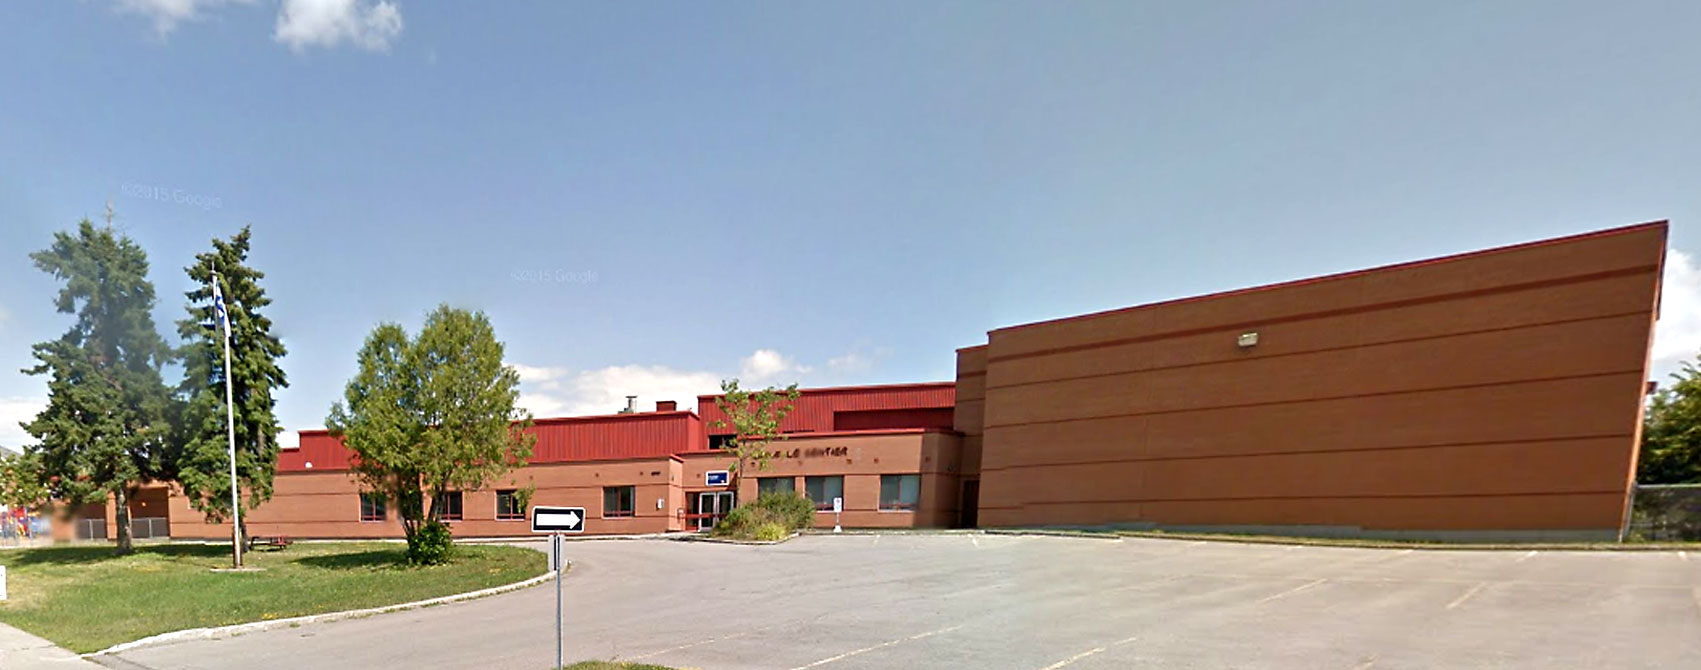 École Le Sentier de Laval